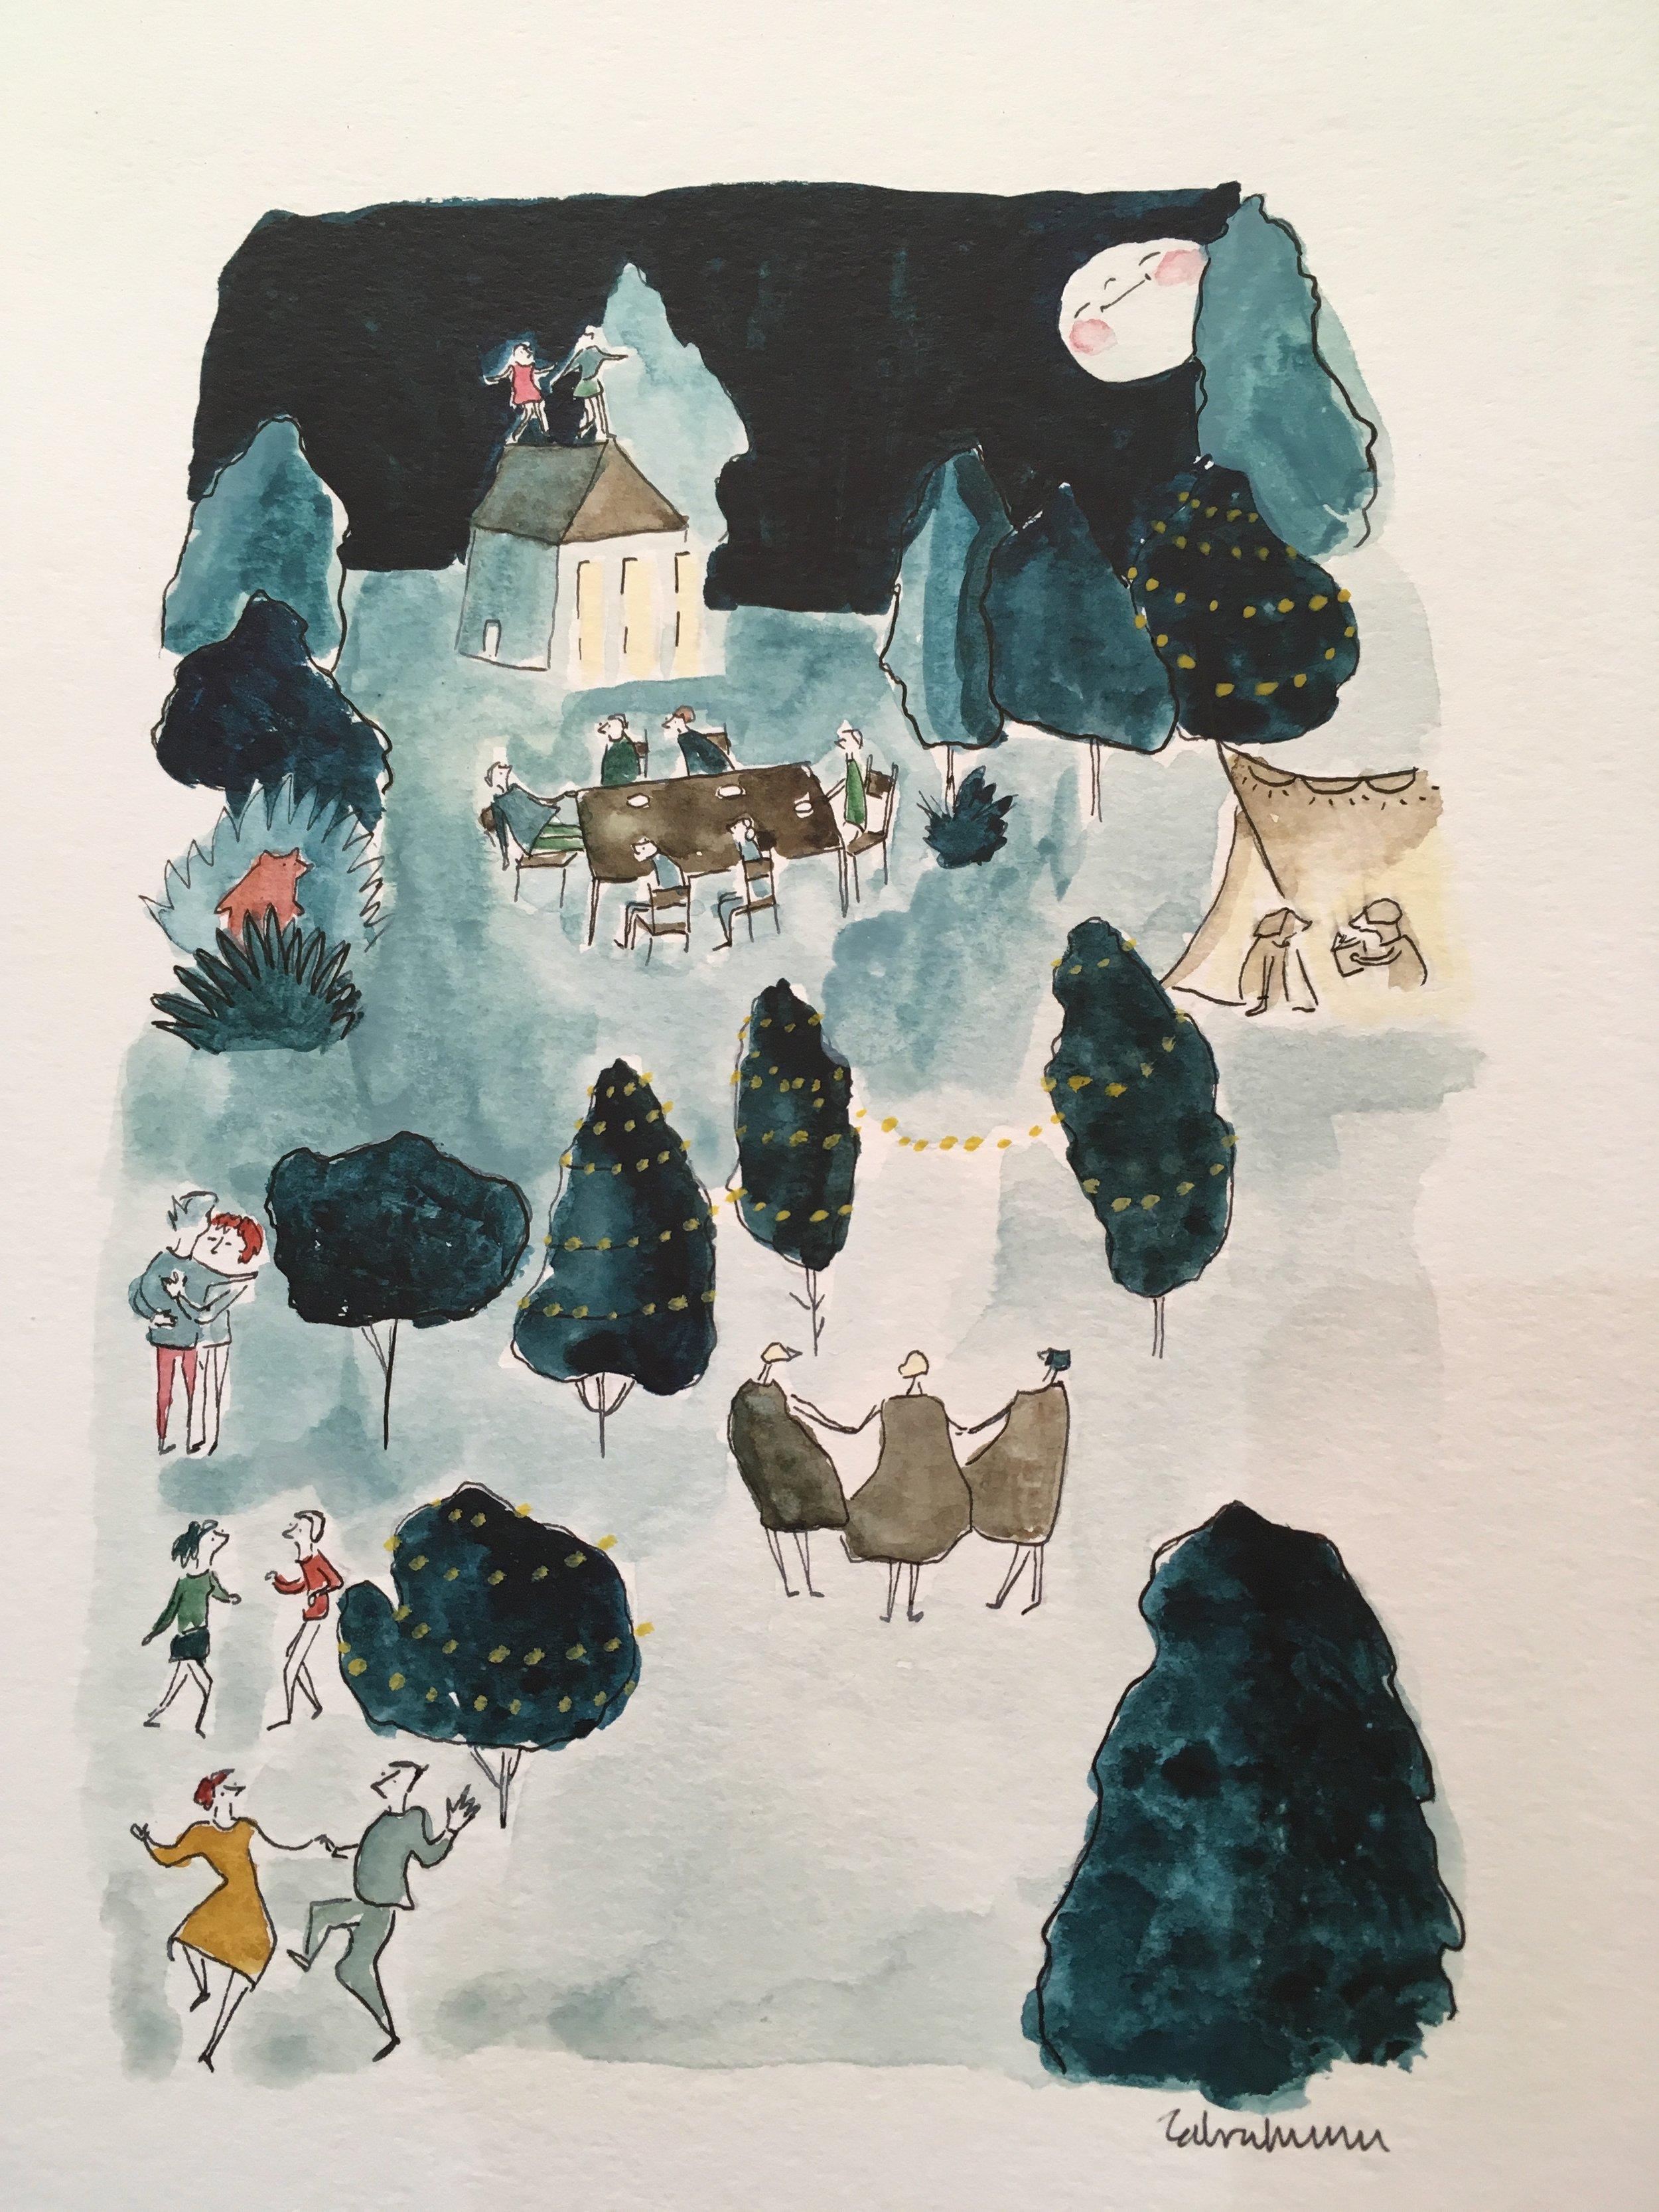 Artwork by Zahra Marwan, Albuquerque